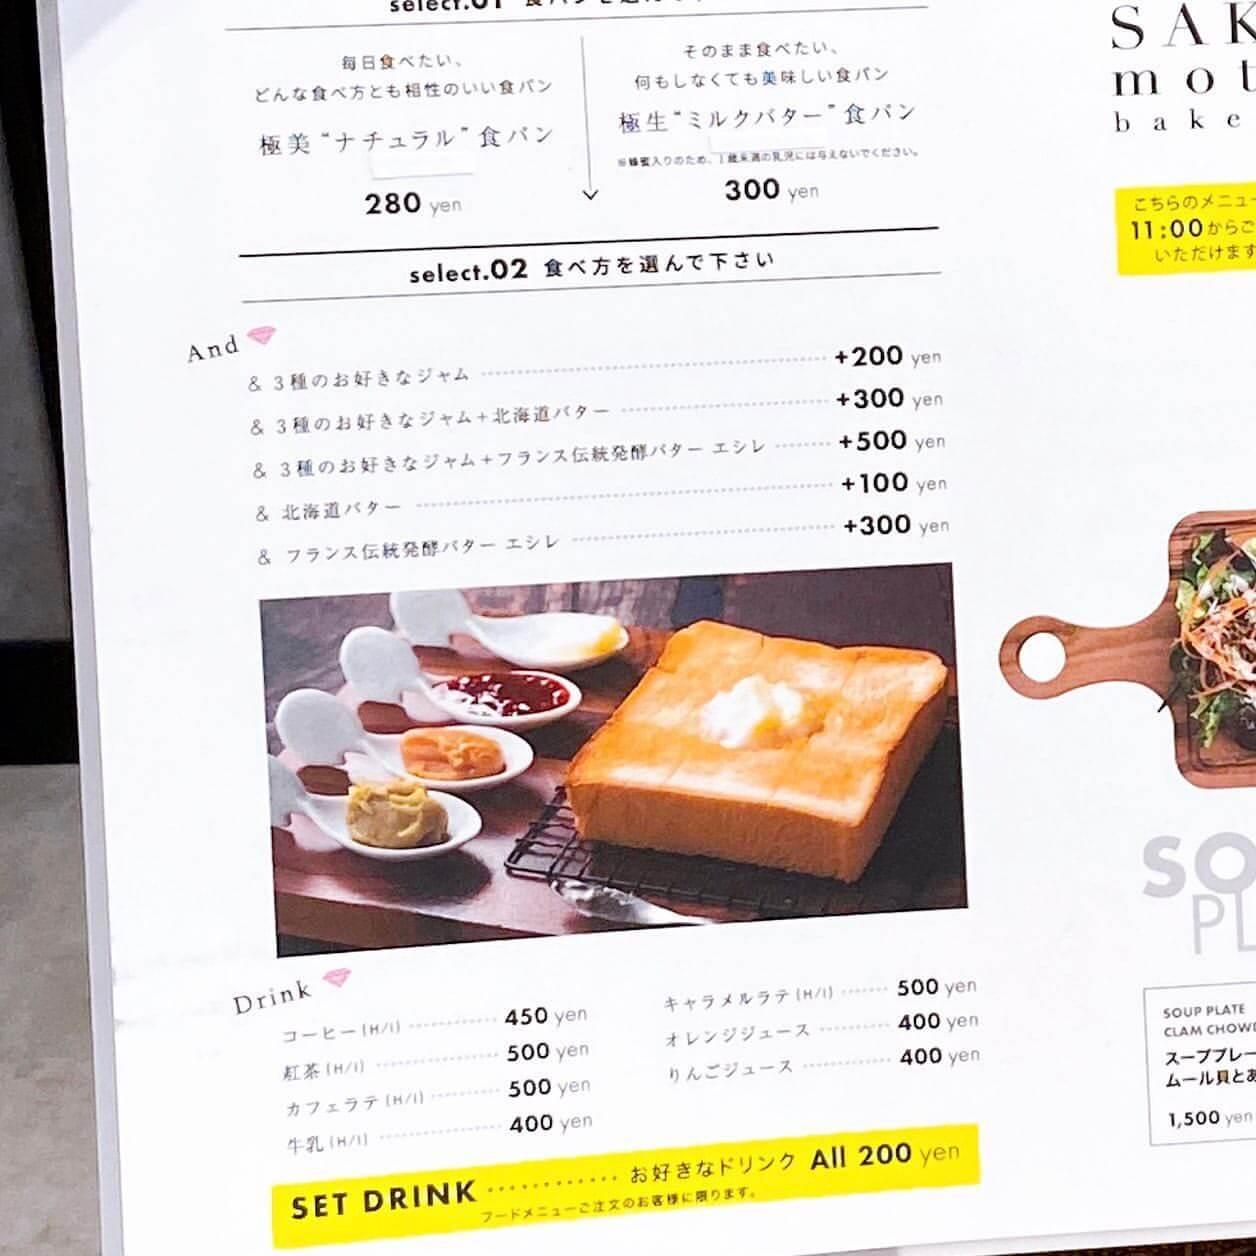 嵜本(さきもと)ベーカリーカフェ 大丸札幌店のカフェメニュー